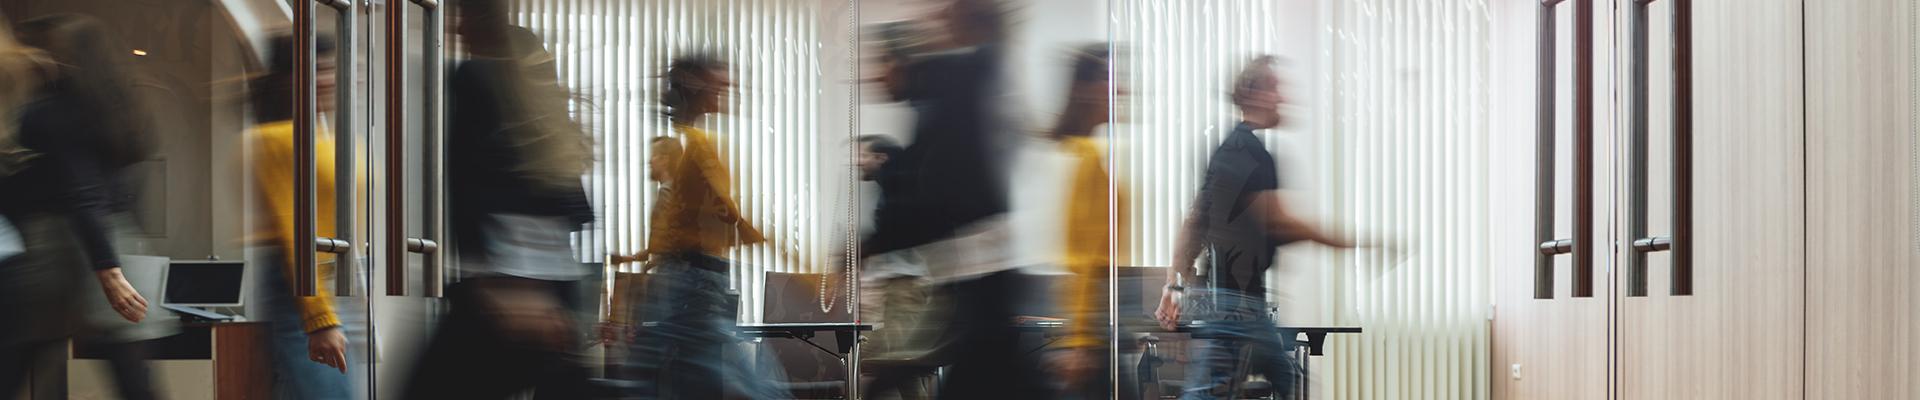 banner-5-factores-que-predicen-la-rotacion-laboral